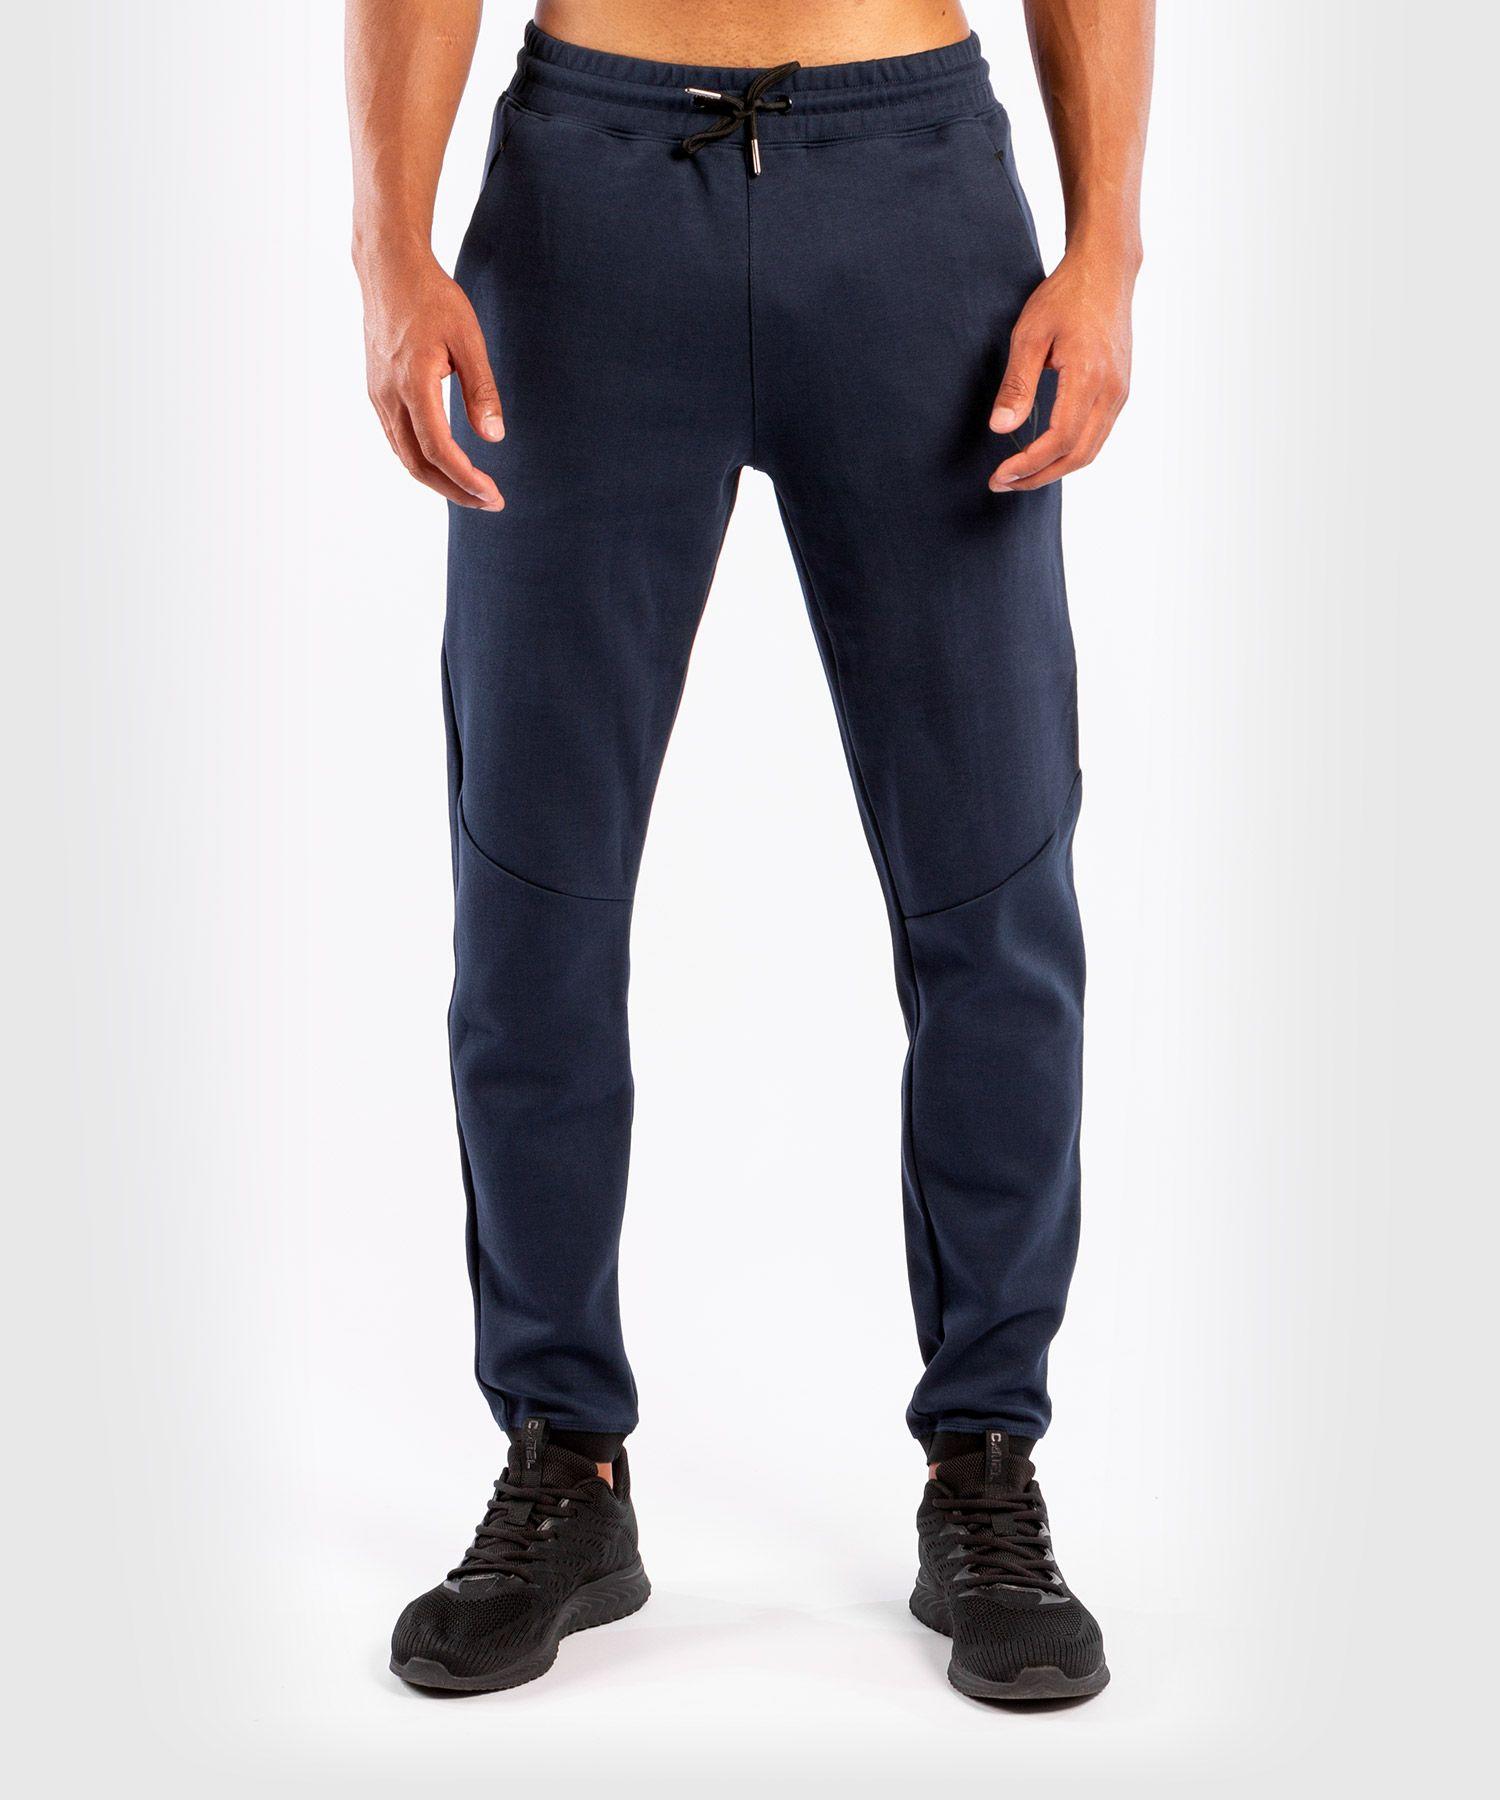 VENUM LASER × CONNECT 运动裤–海军蓝